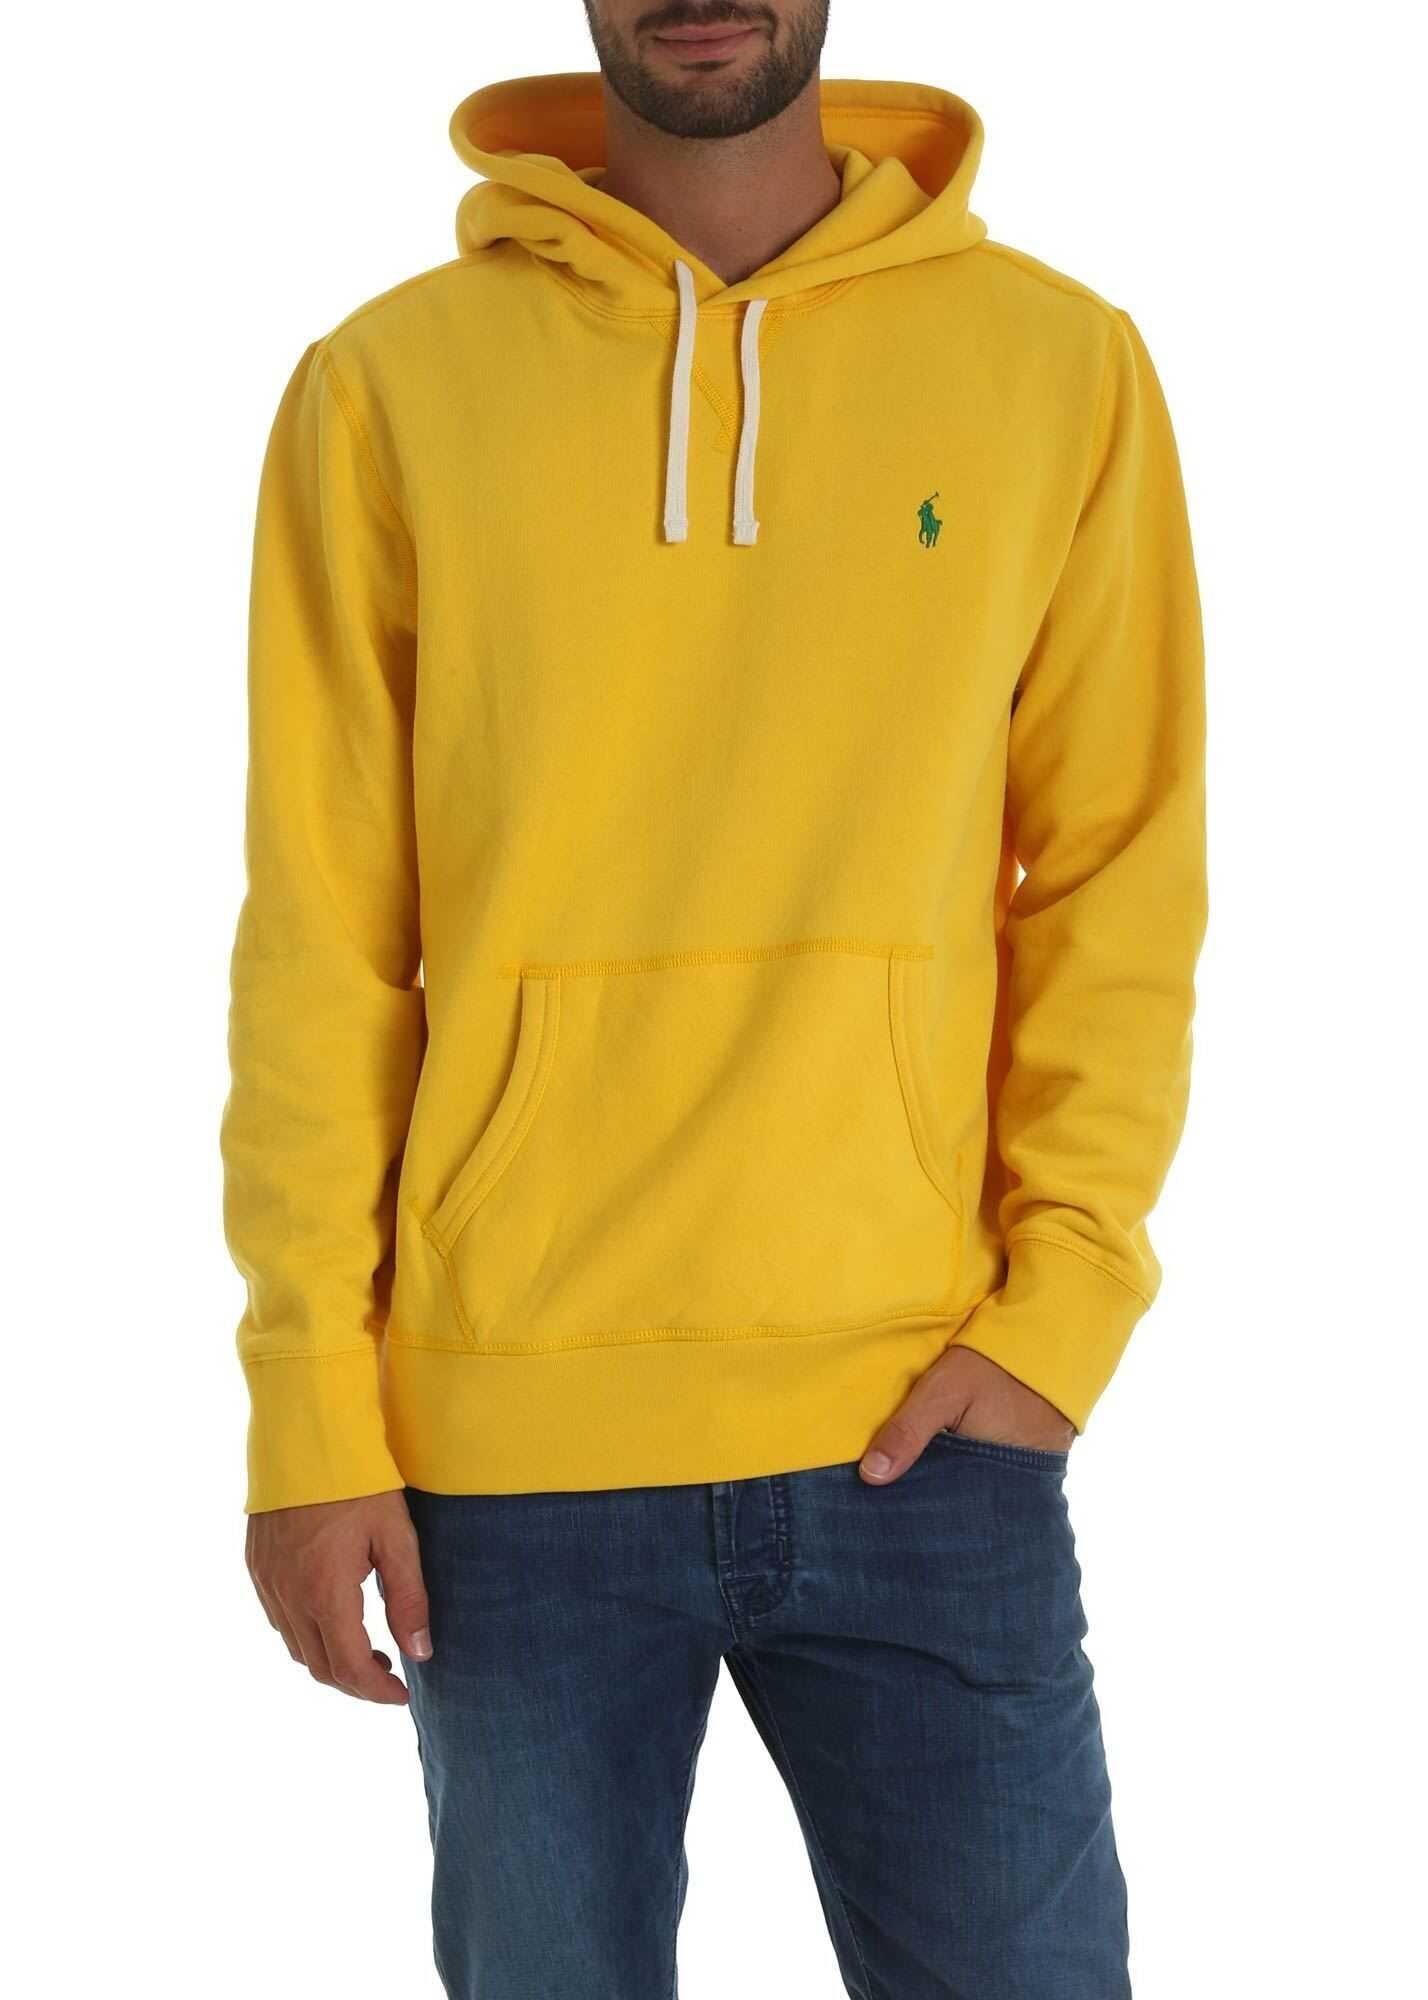 Ralph Lauren Yellow Sweatshirt With Logo Embroidery Yellow